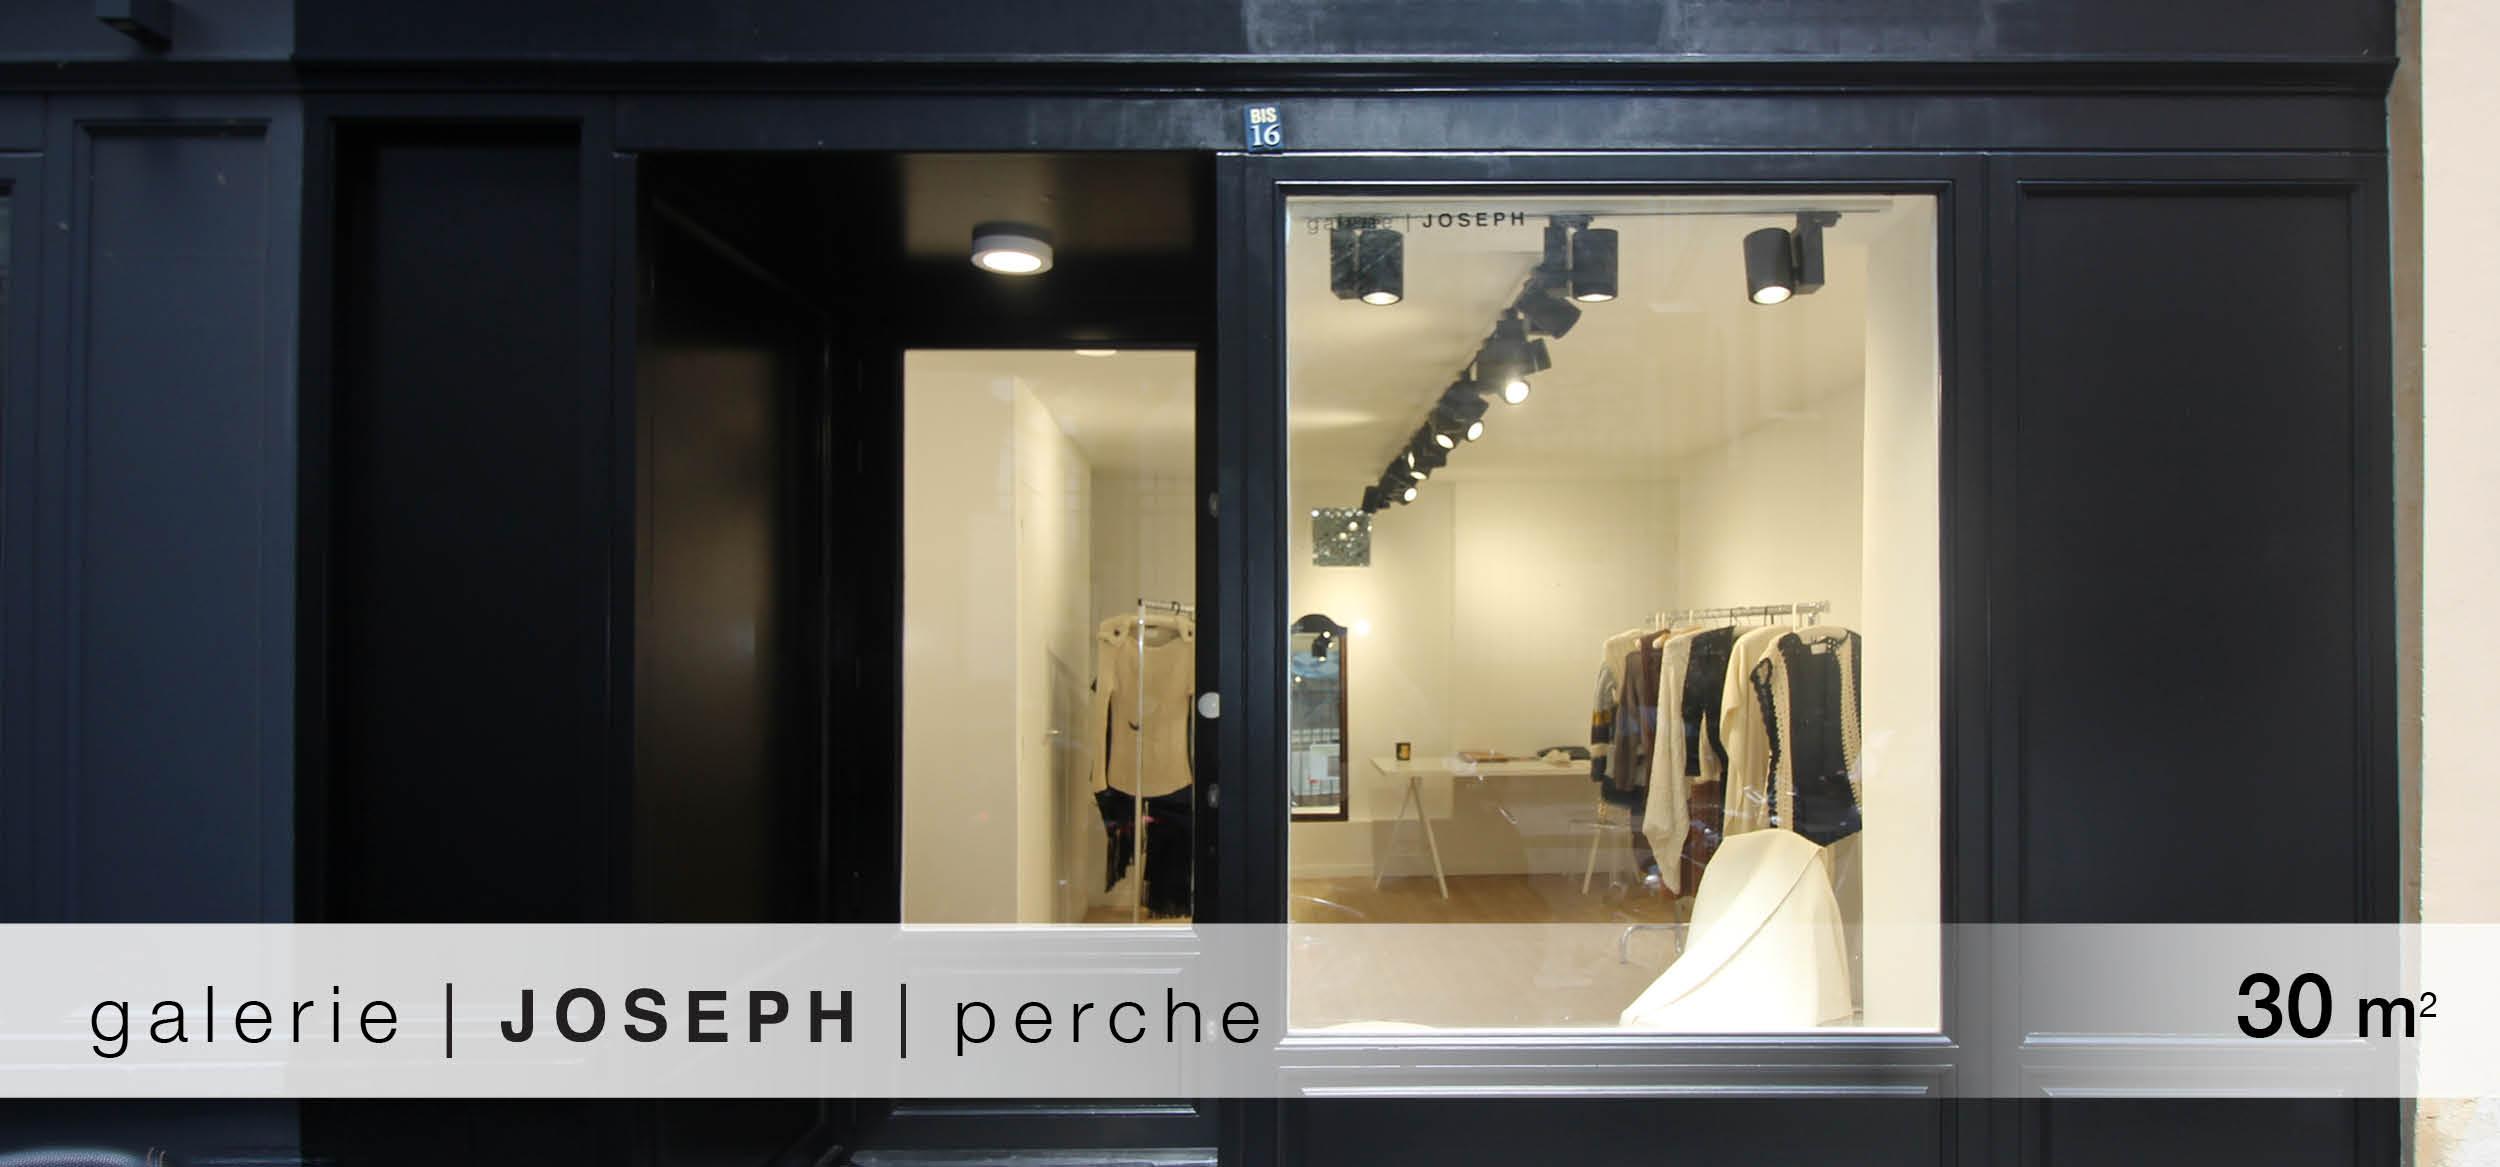 Galerie Joseph Perche location showroom Perche